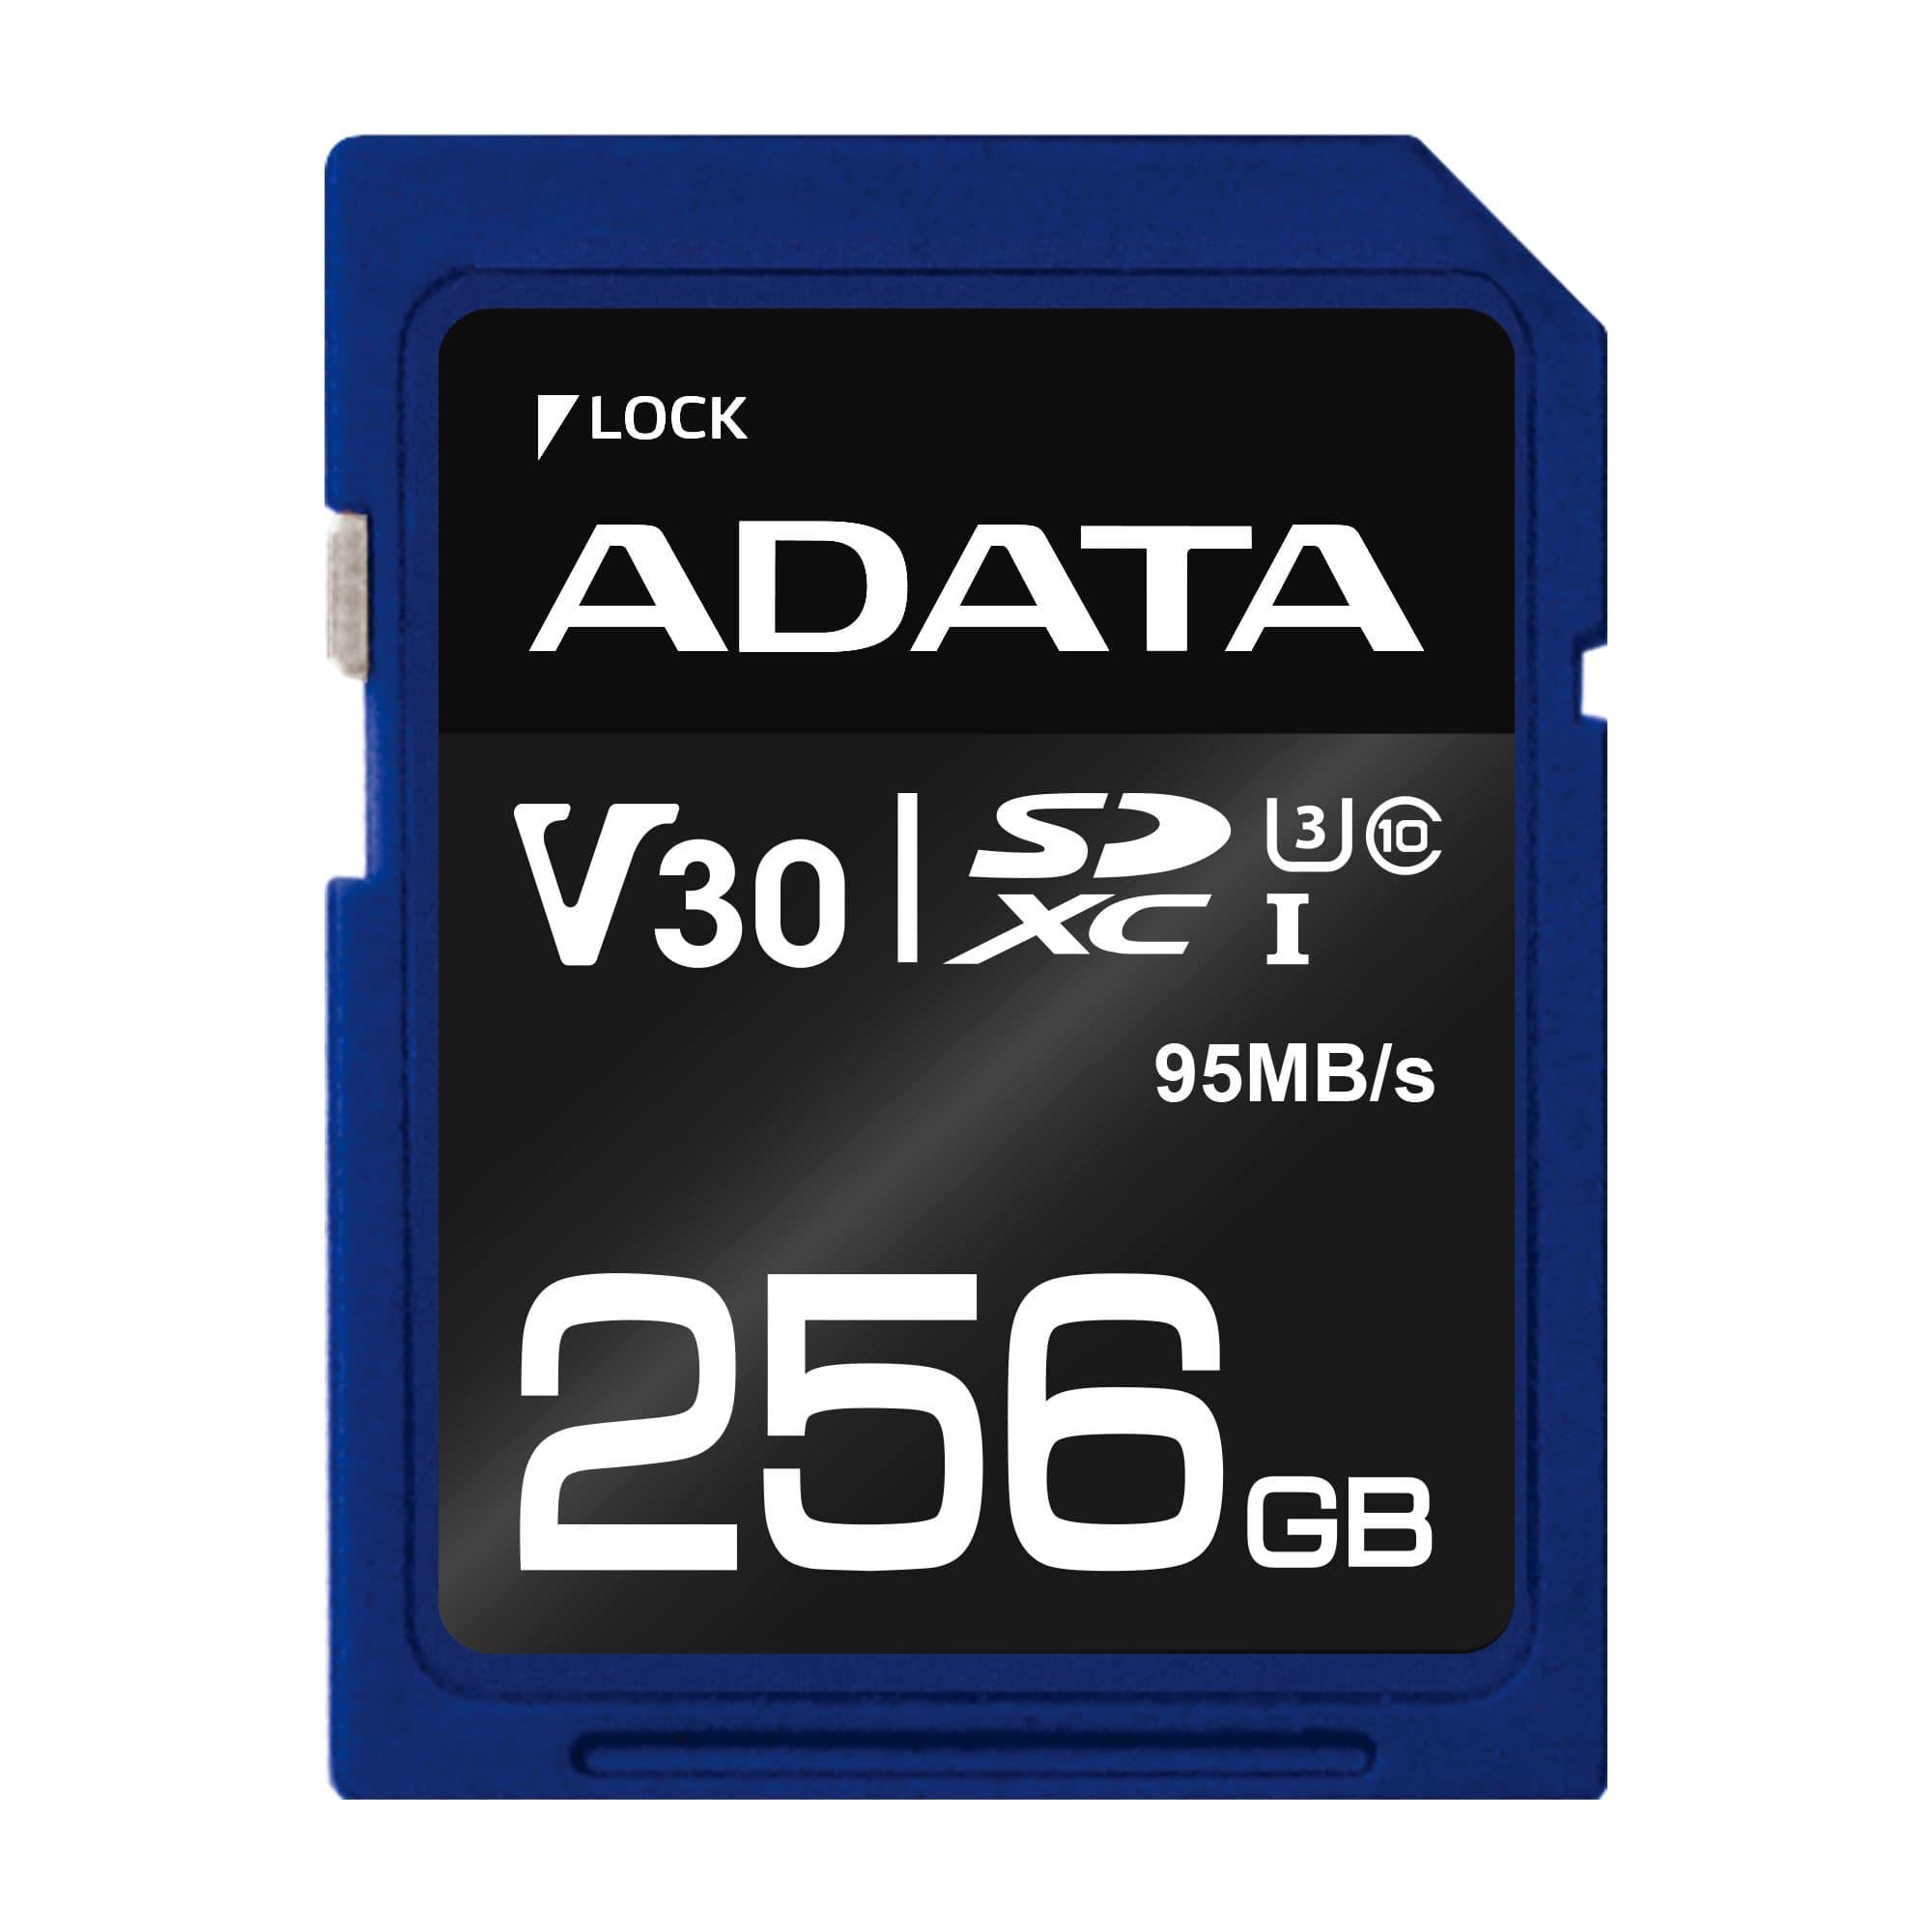 ADATA Premier Pro SDXC UHS-I U3 Class 10 256GB (čtení 95MB/s,zápis 60MB/s)retail